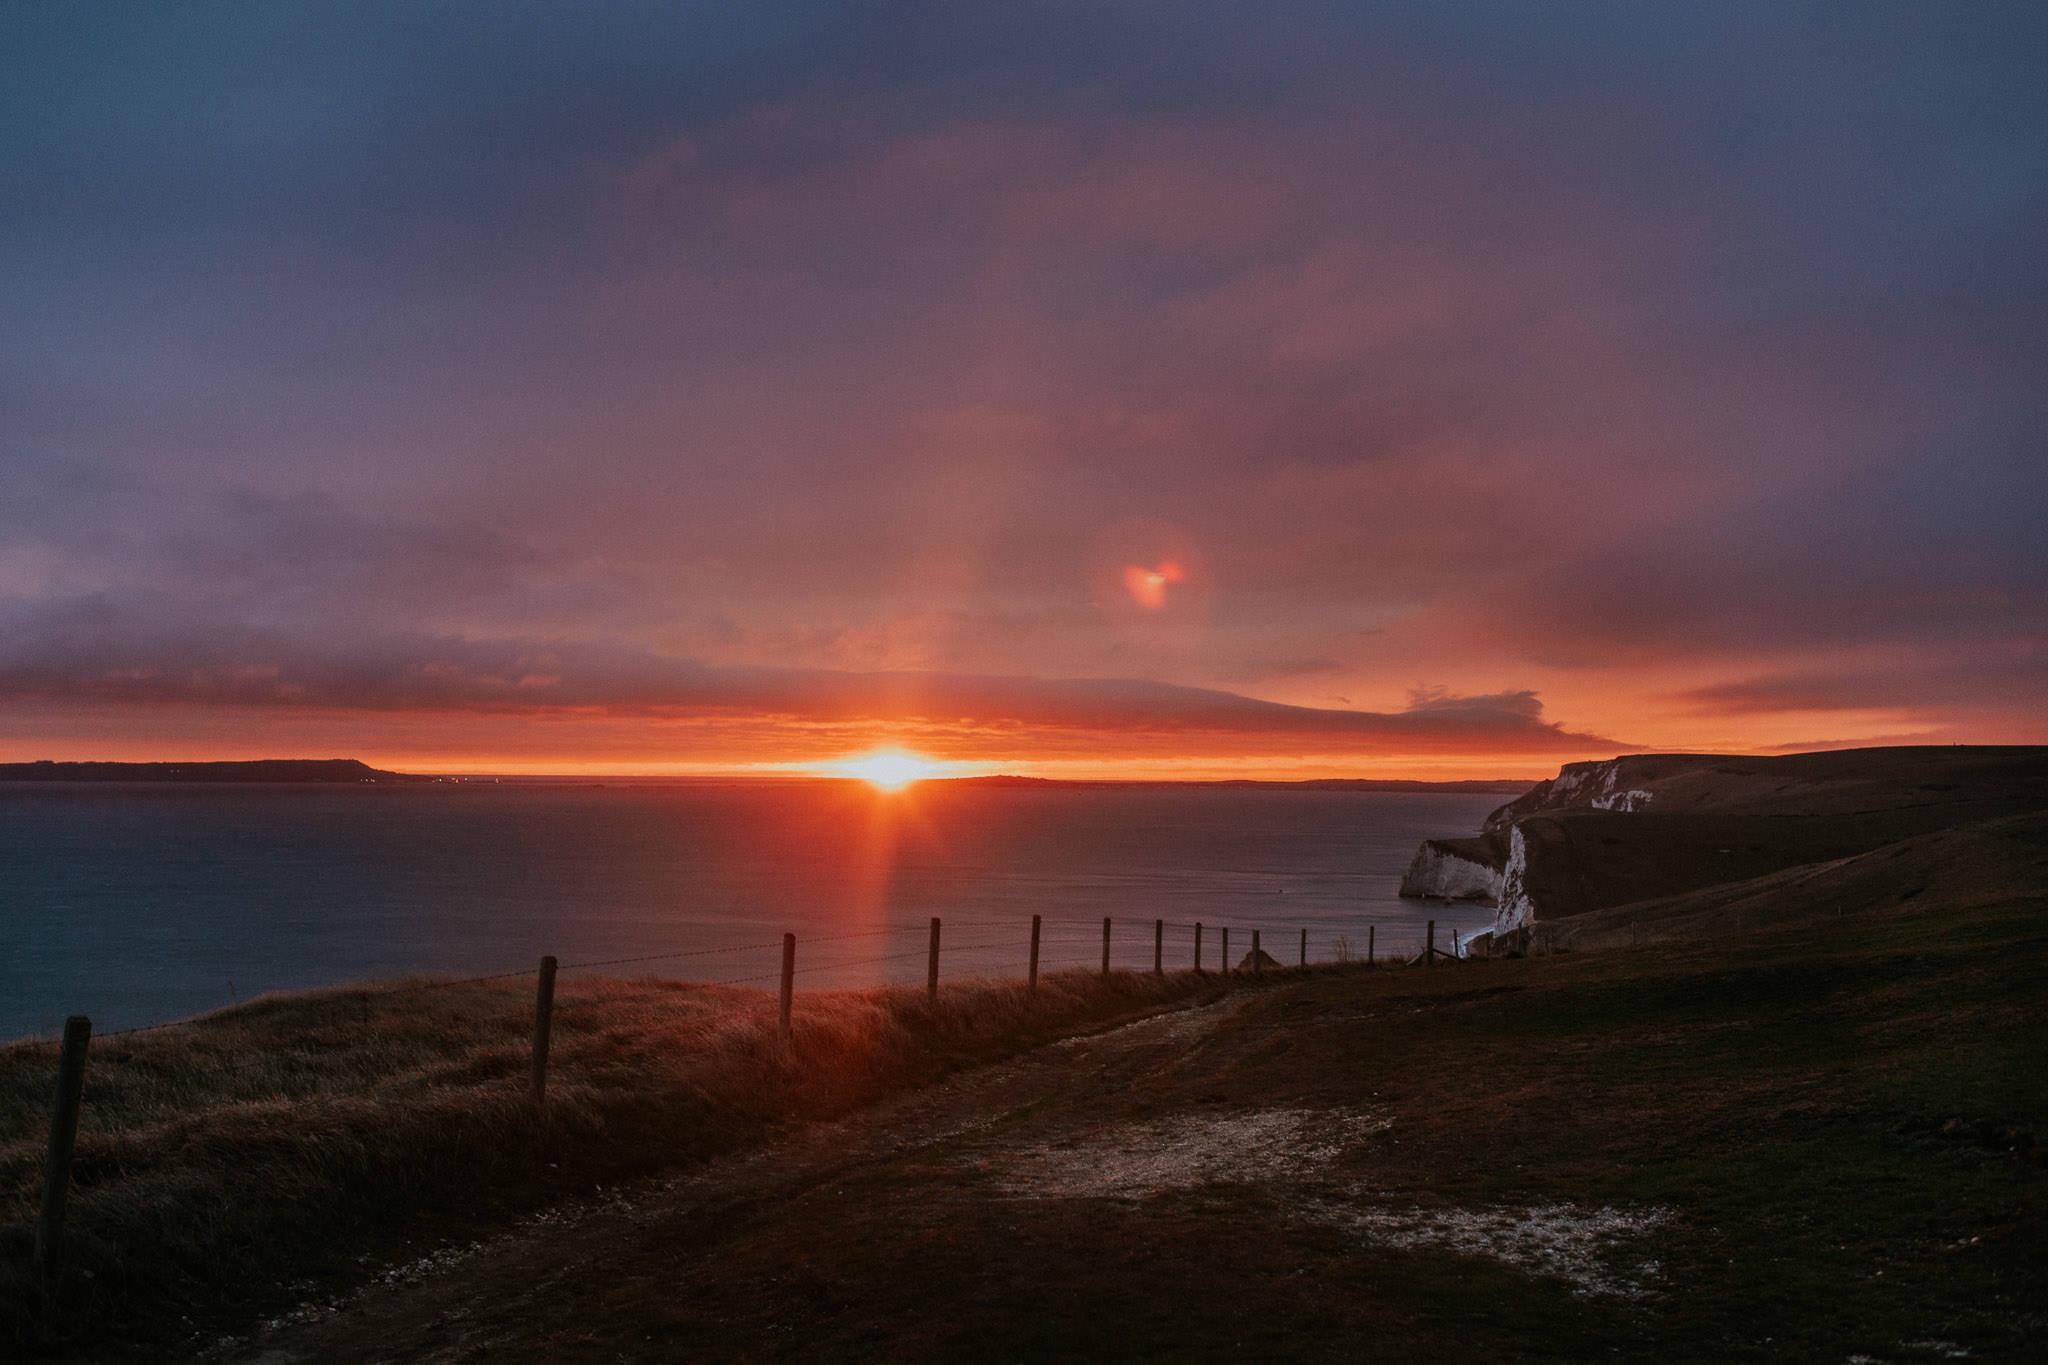 A beautiful sunset over the Dorset coast